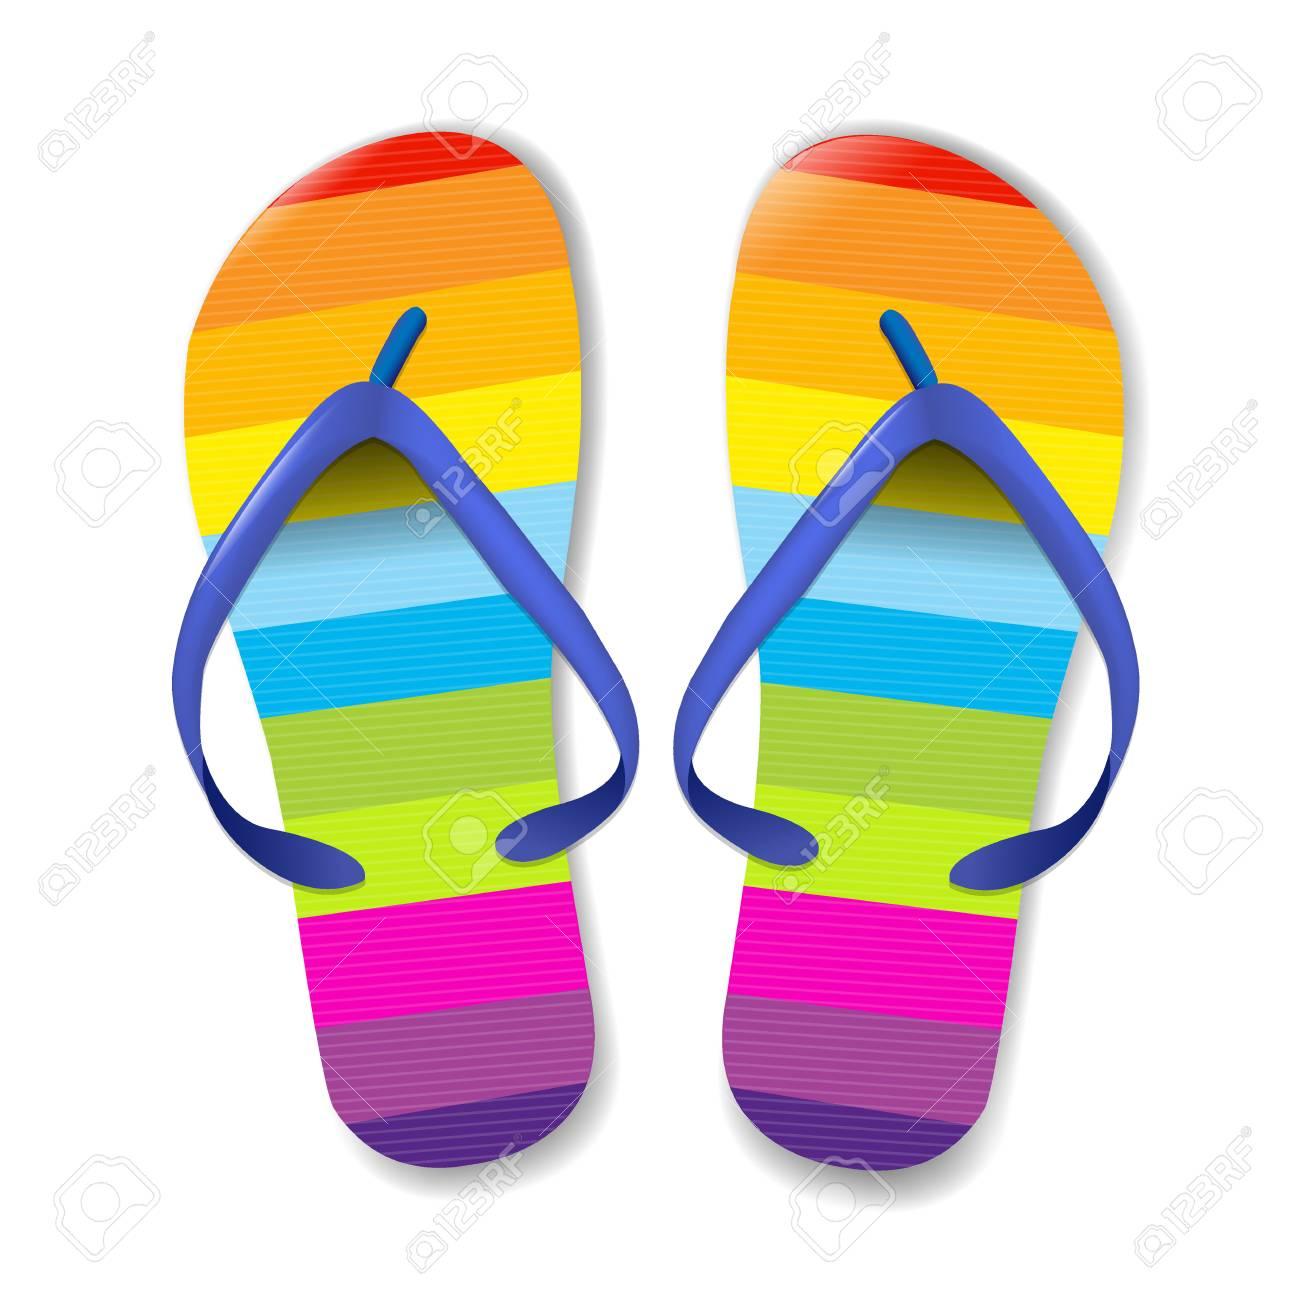 6a1edba3e3055 Flip Flops